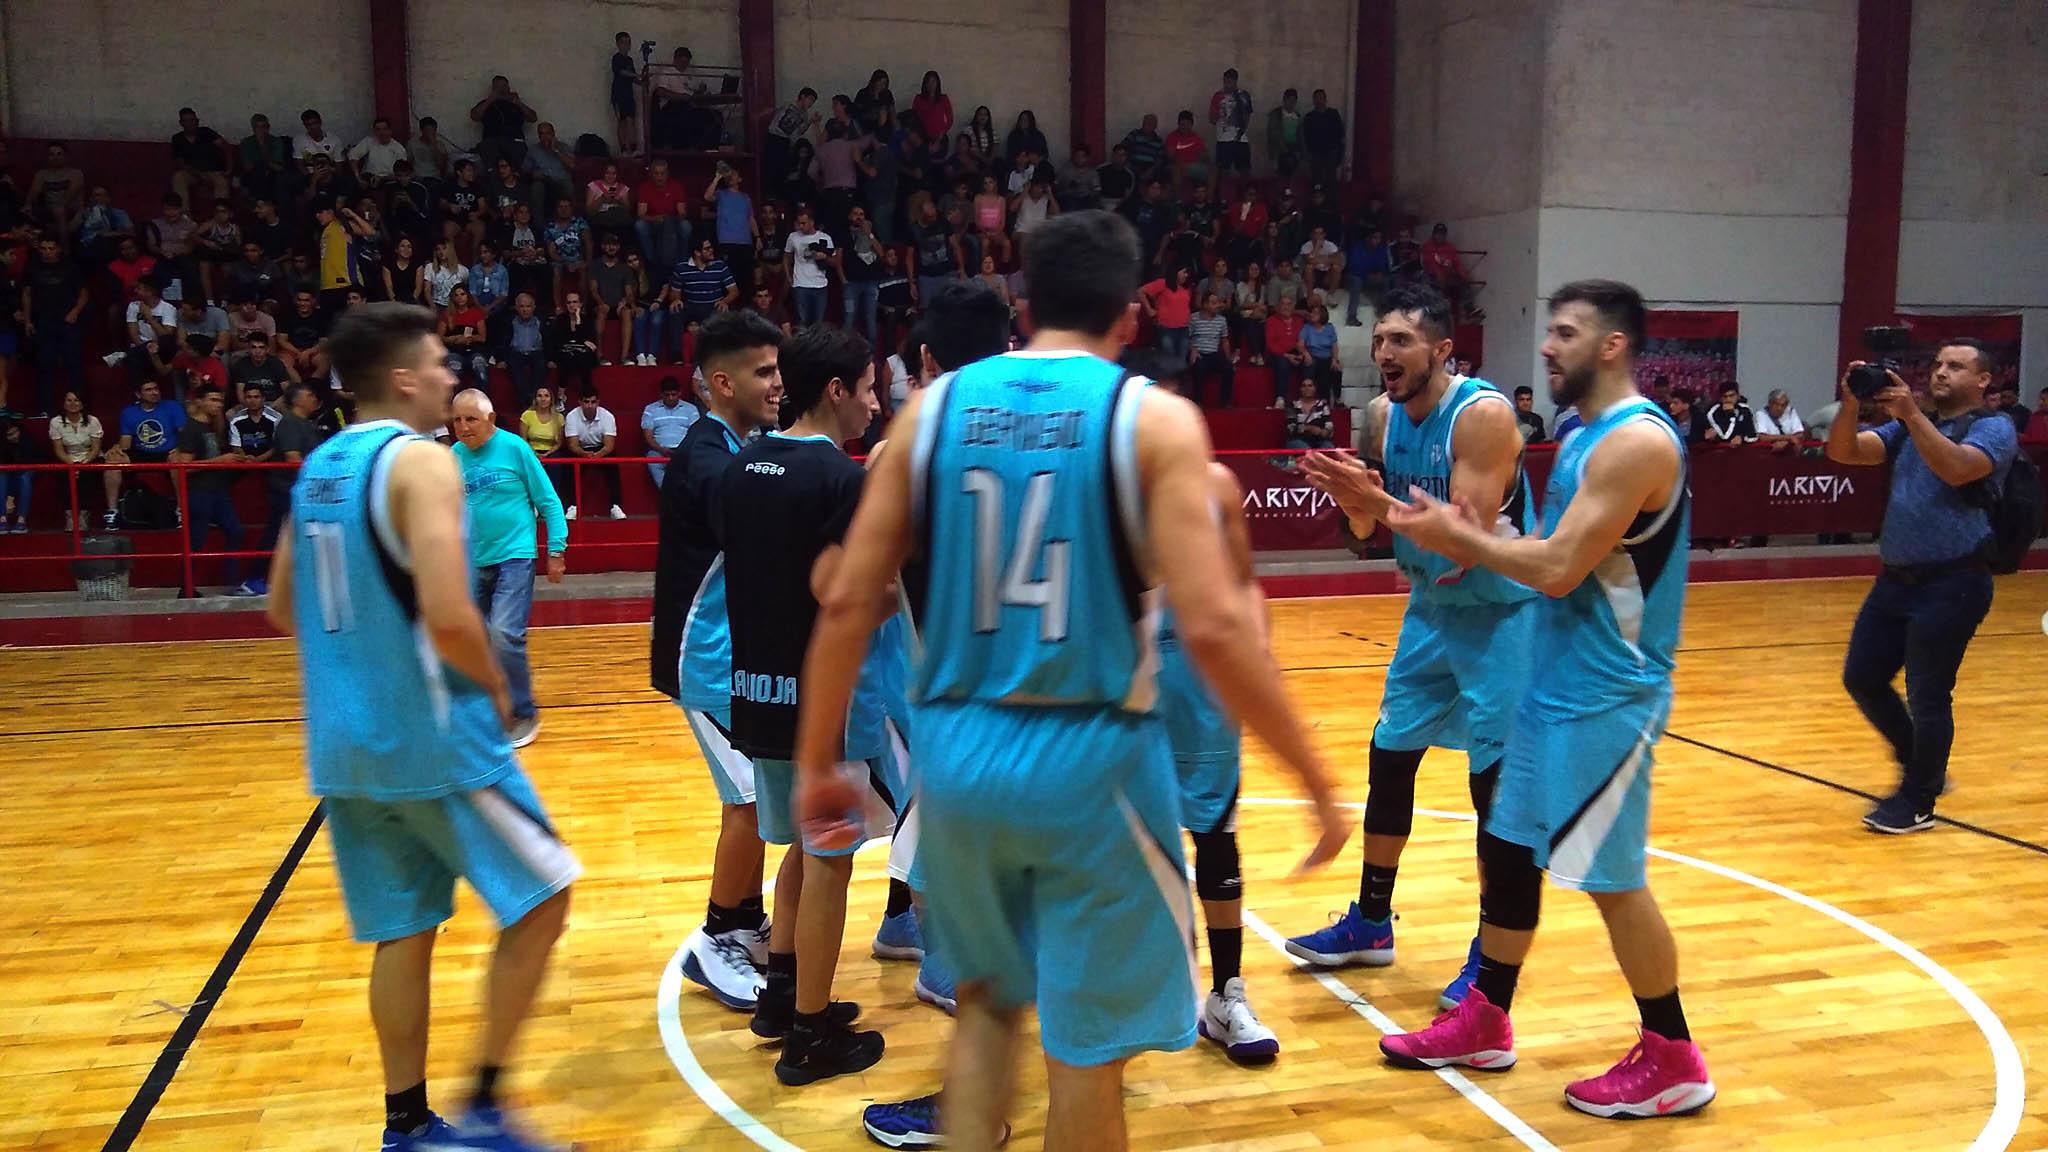 San Martín triunfó y habrá quinto juego